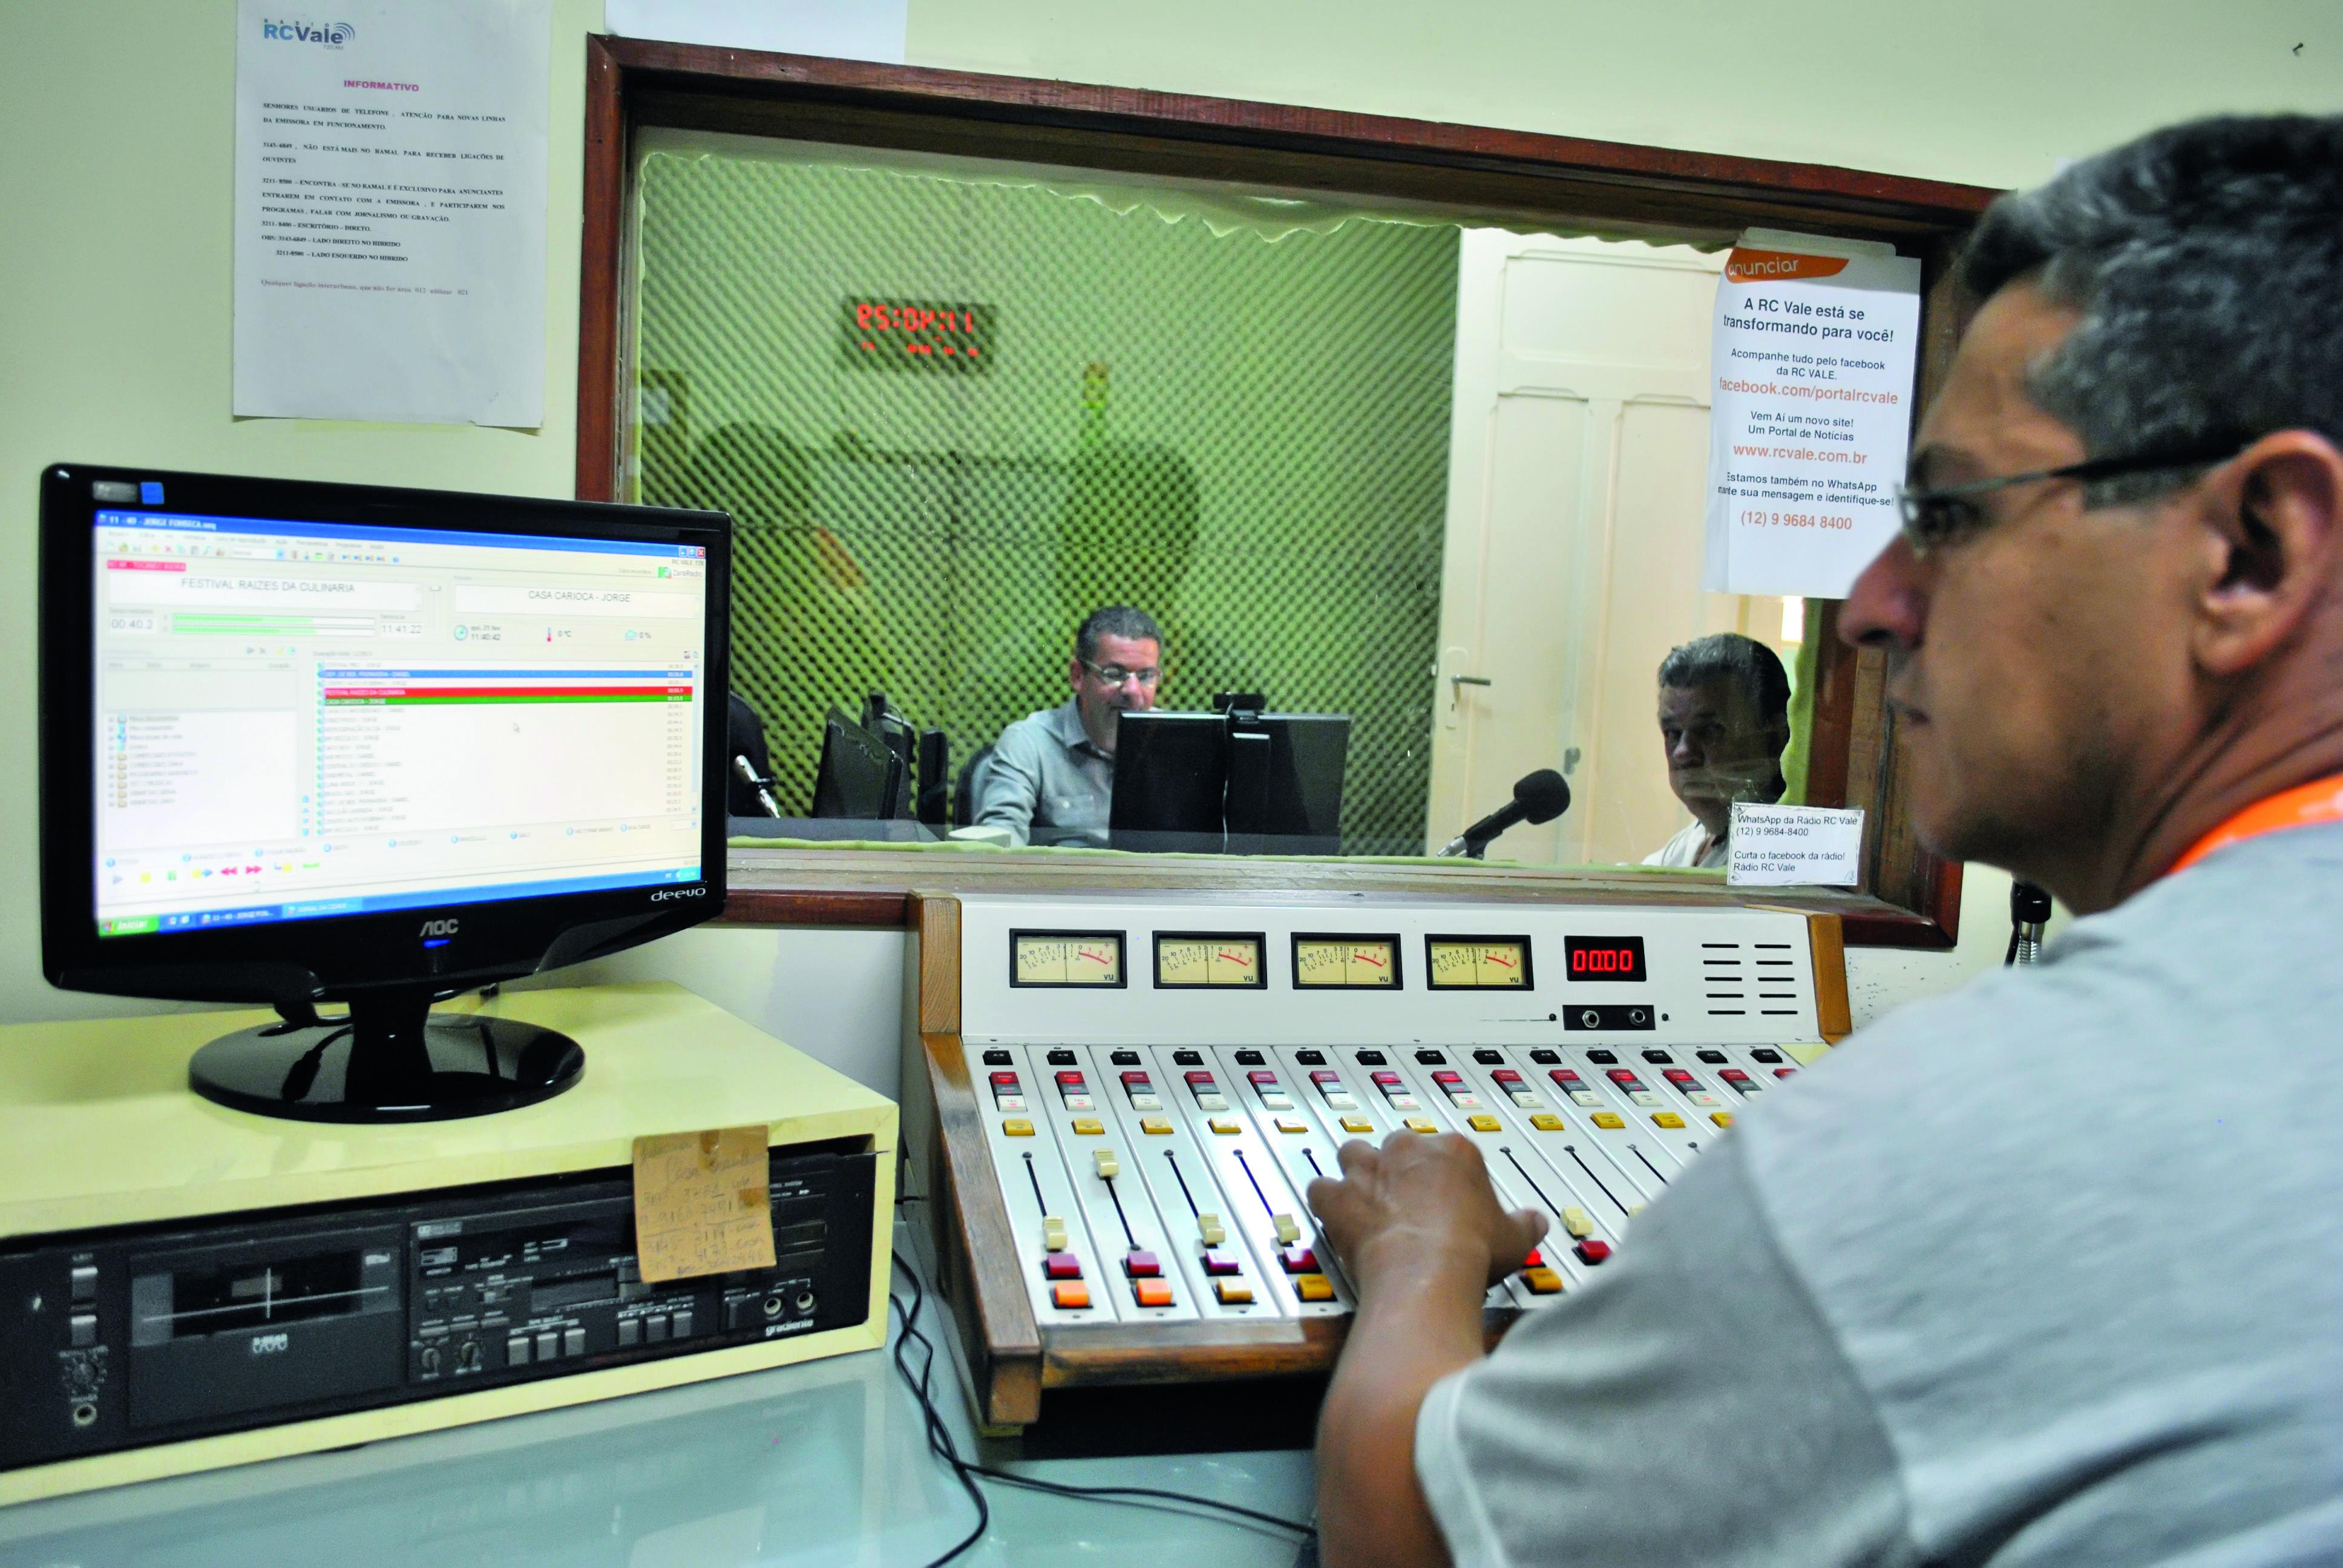 Bastidores da Rádio RC Vale, em Cruzeiro; uma das emissoras AM preparadas para mudança para FM (Foto: Andreah Martins)